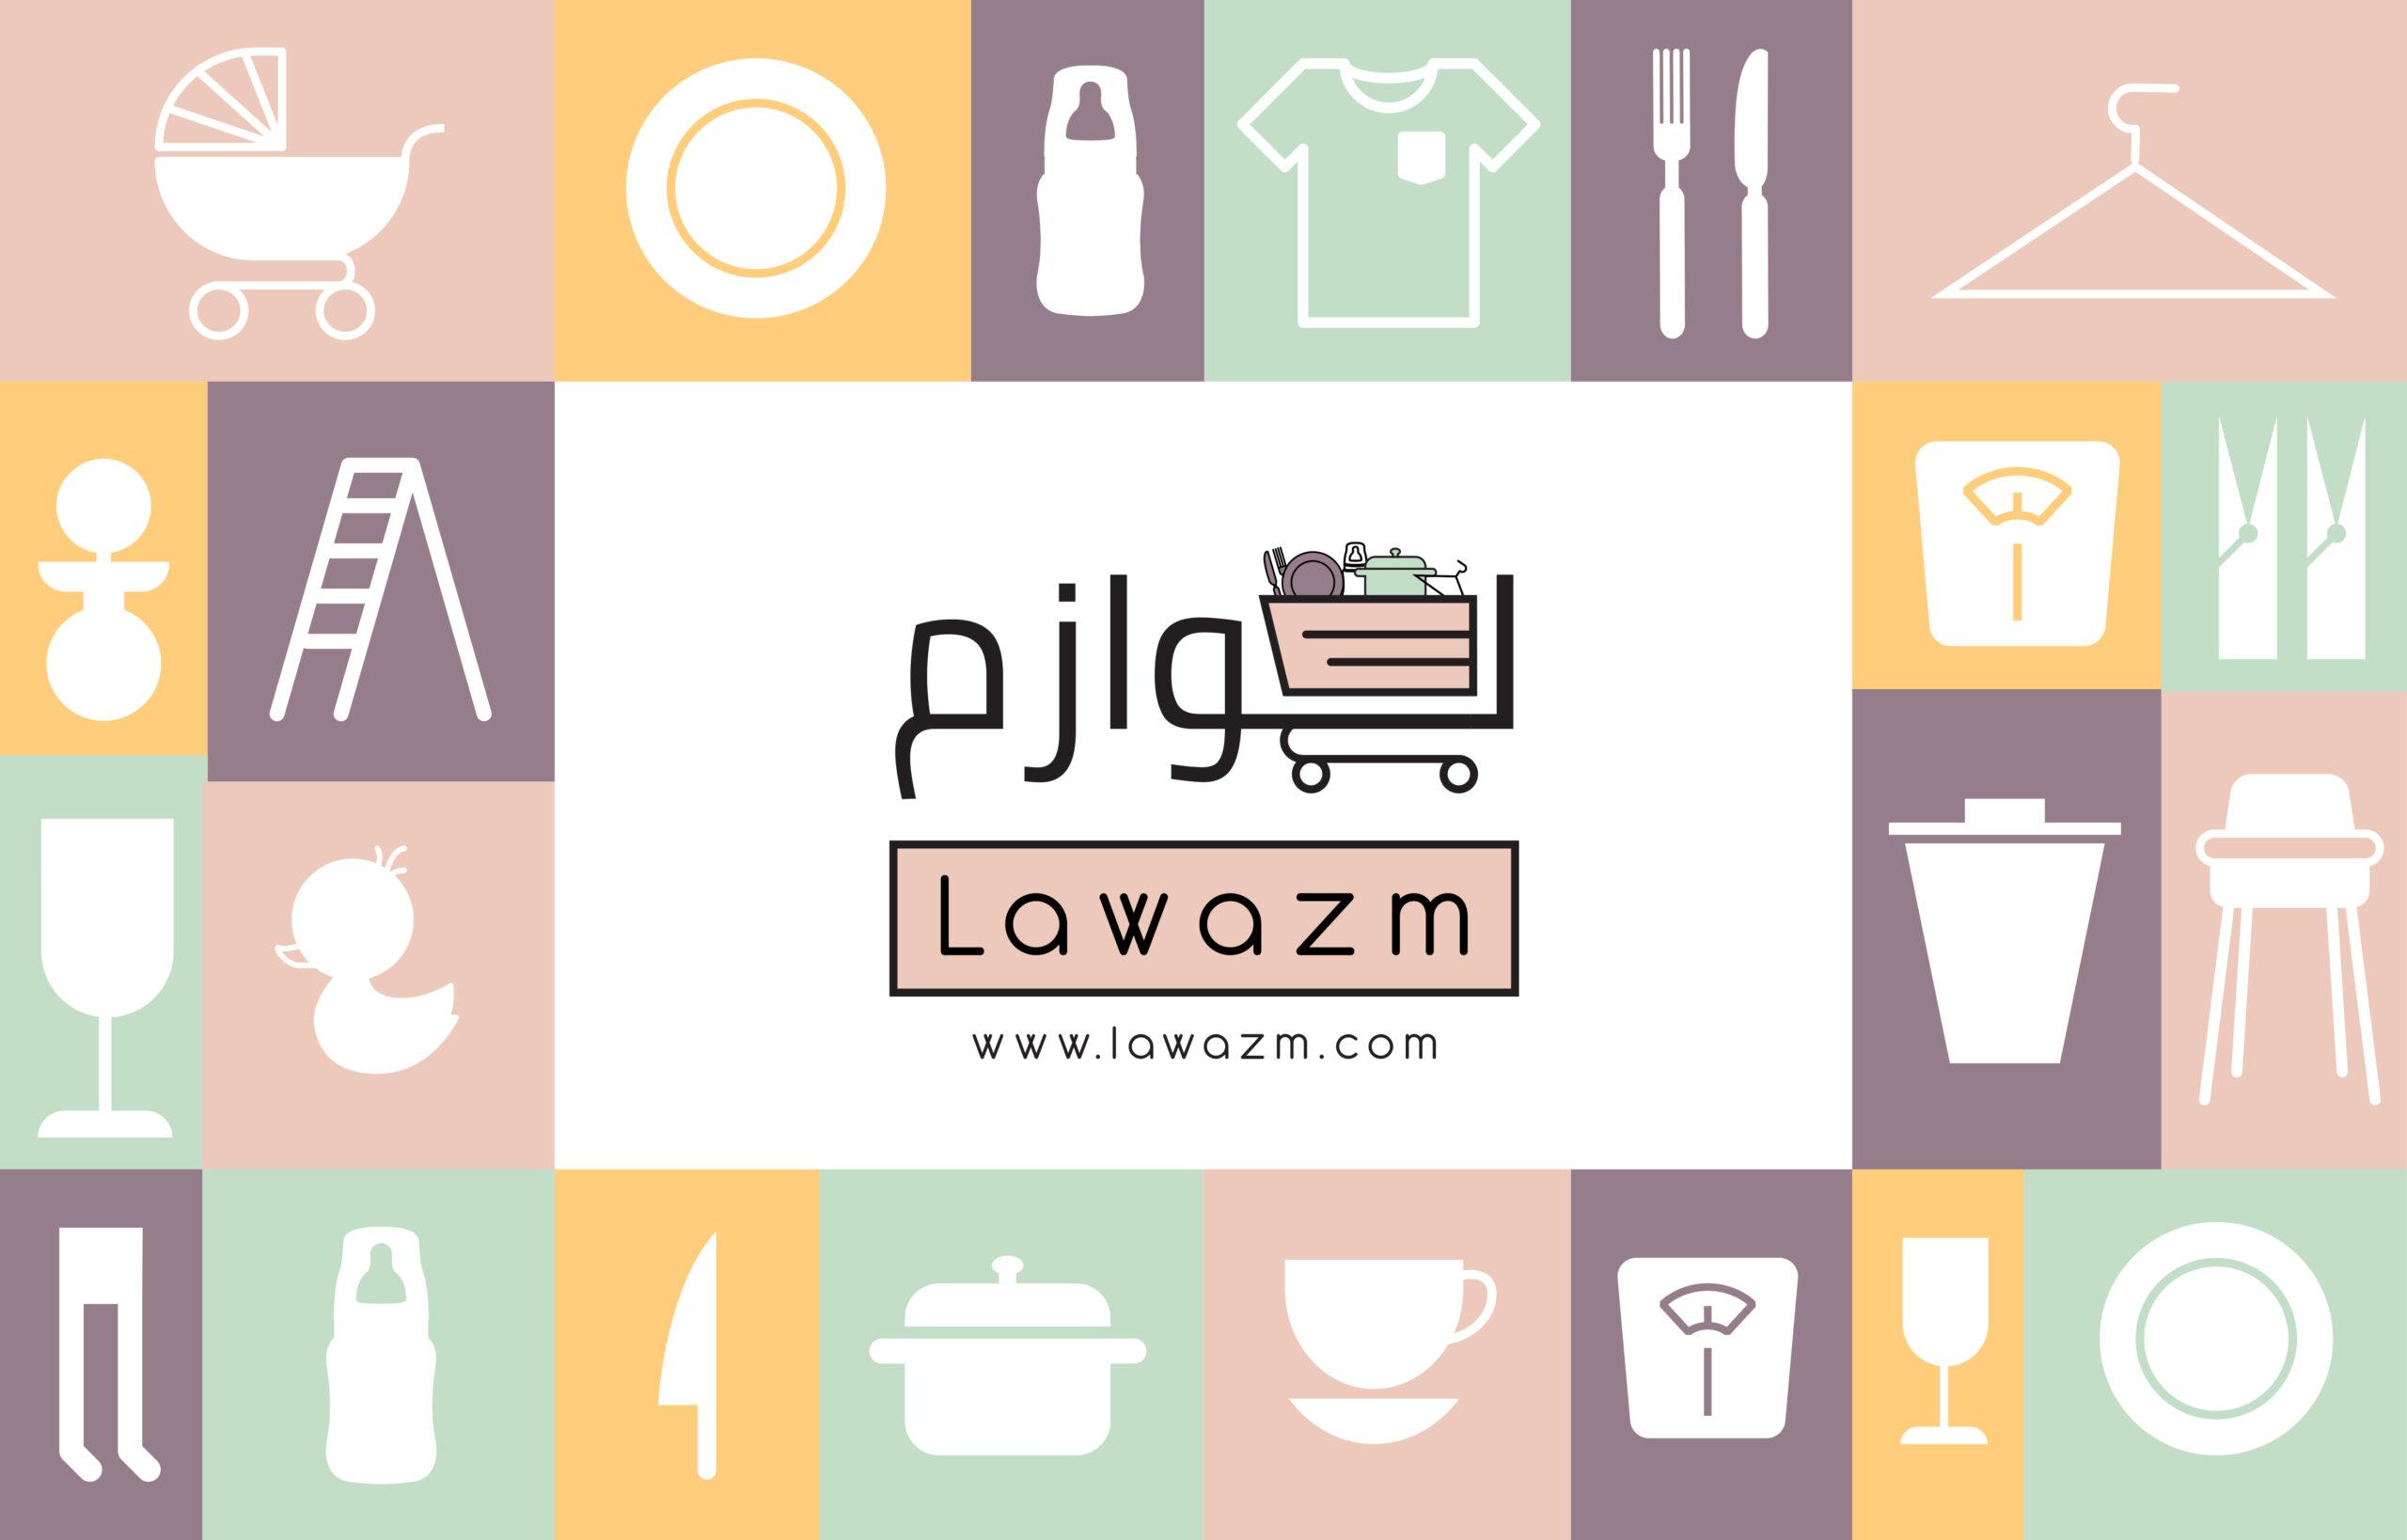 Hot deals Archives - Lawazm